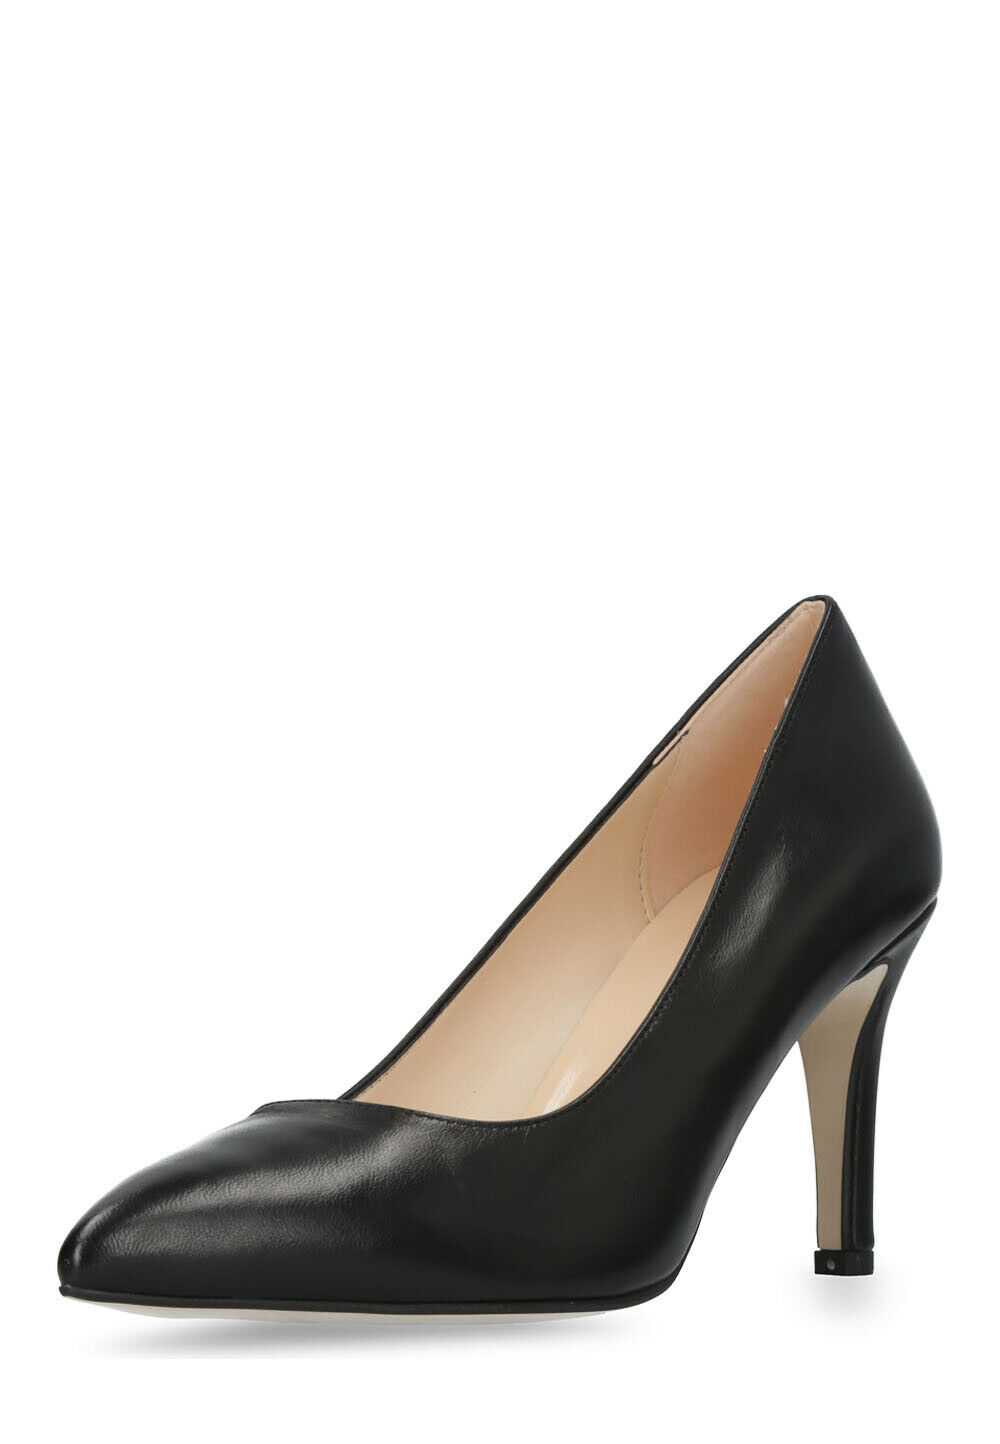 CAFE schwarz Damen Pumps High Heels Schuhe echt Leder Größe 39 38